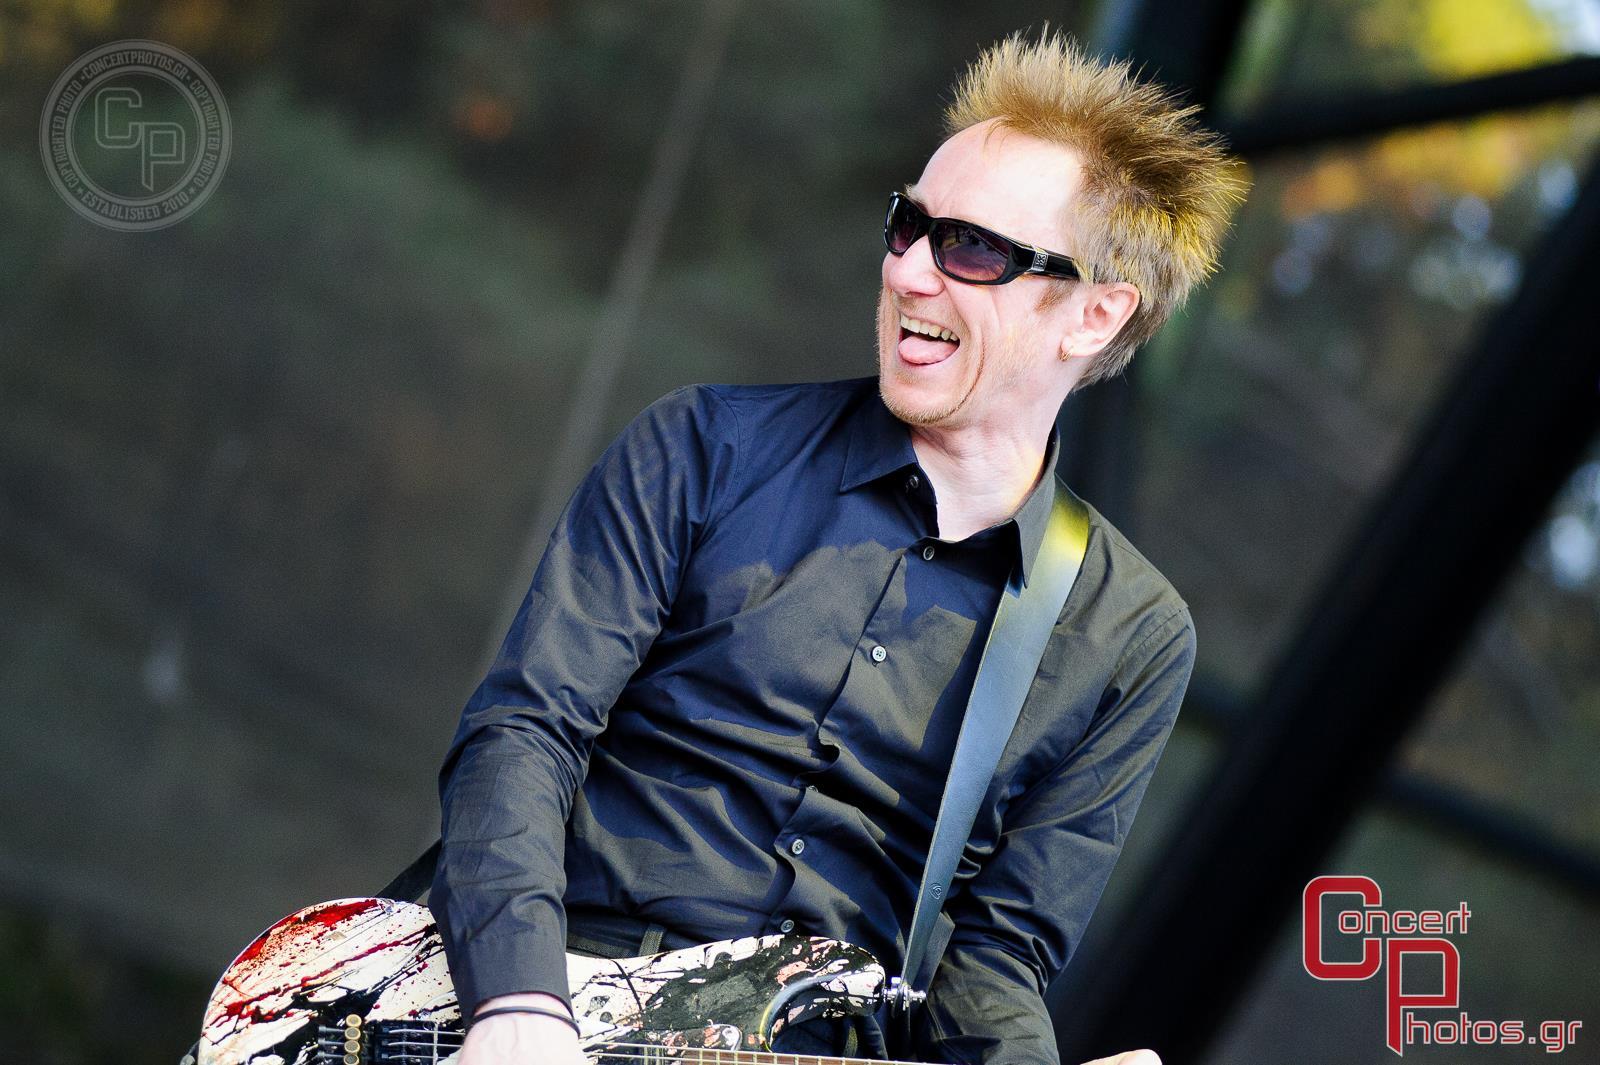 Rockwave 2014-Rockwave 2014 - Day 1 photographer:  - Rockwave-2014-58